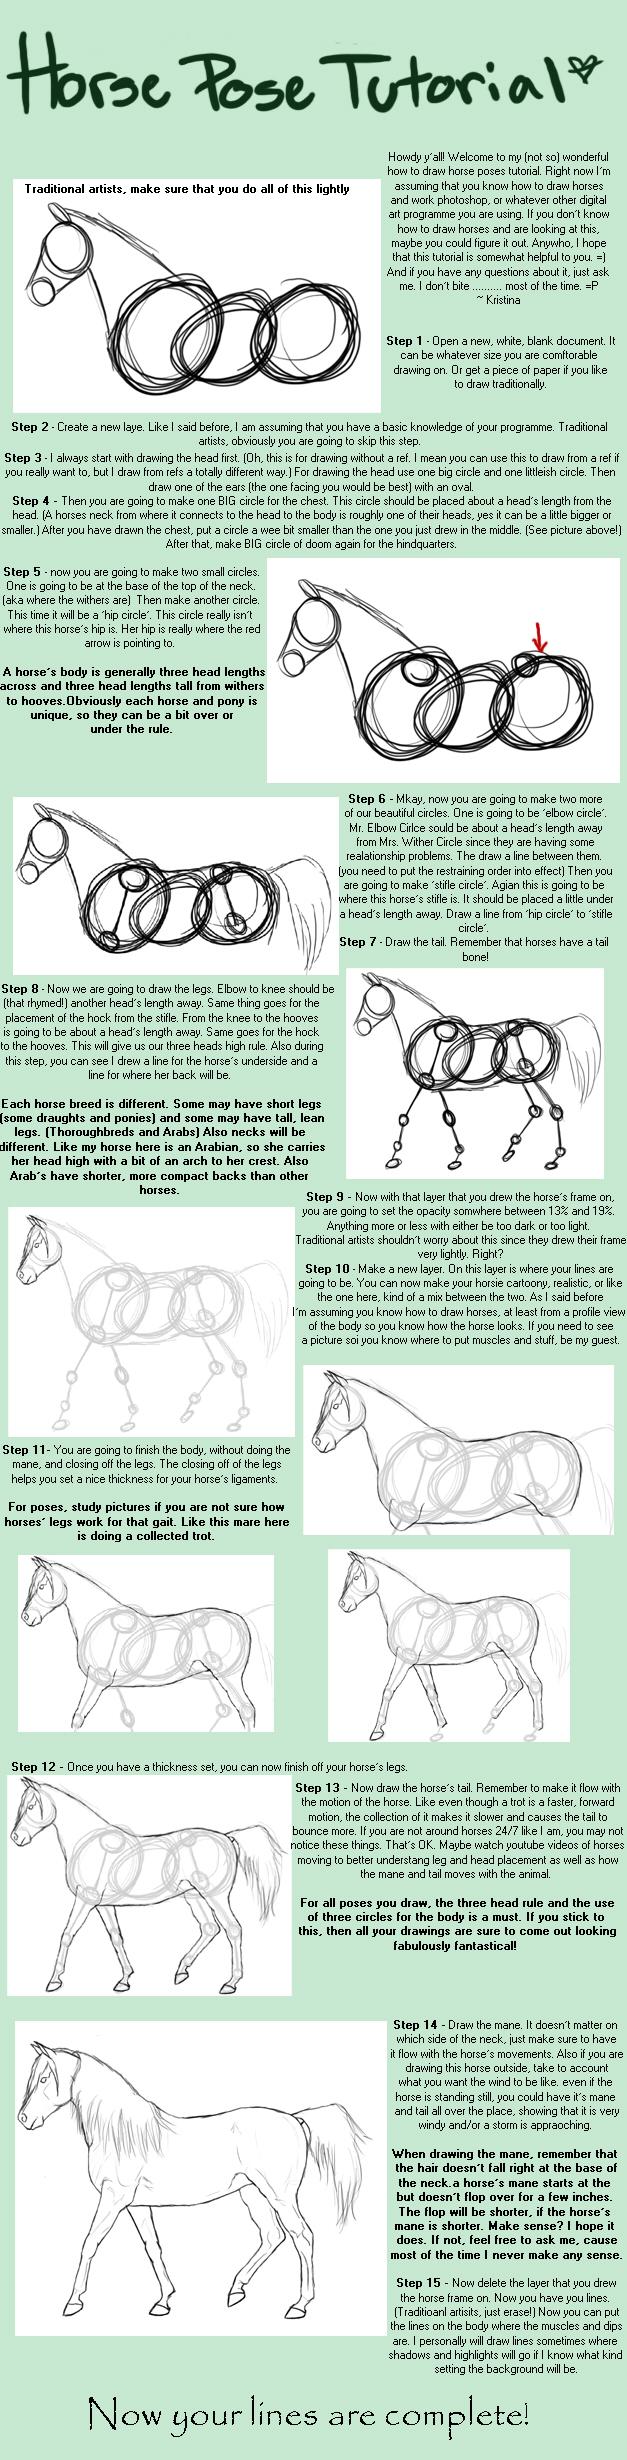 Horse Pose Tutorial